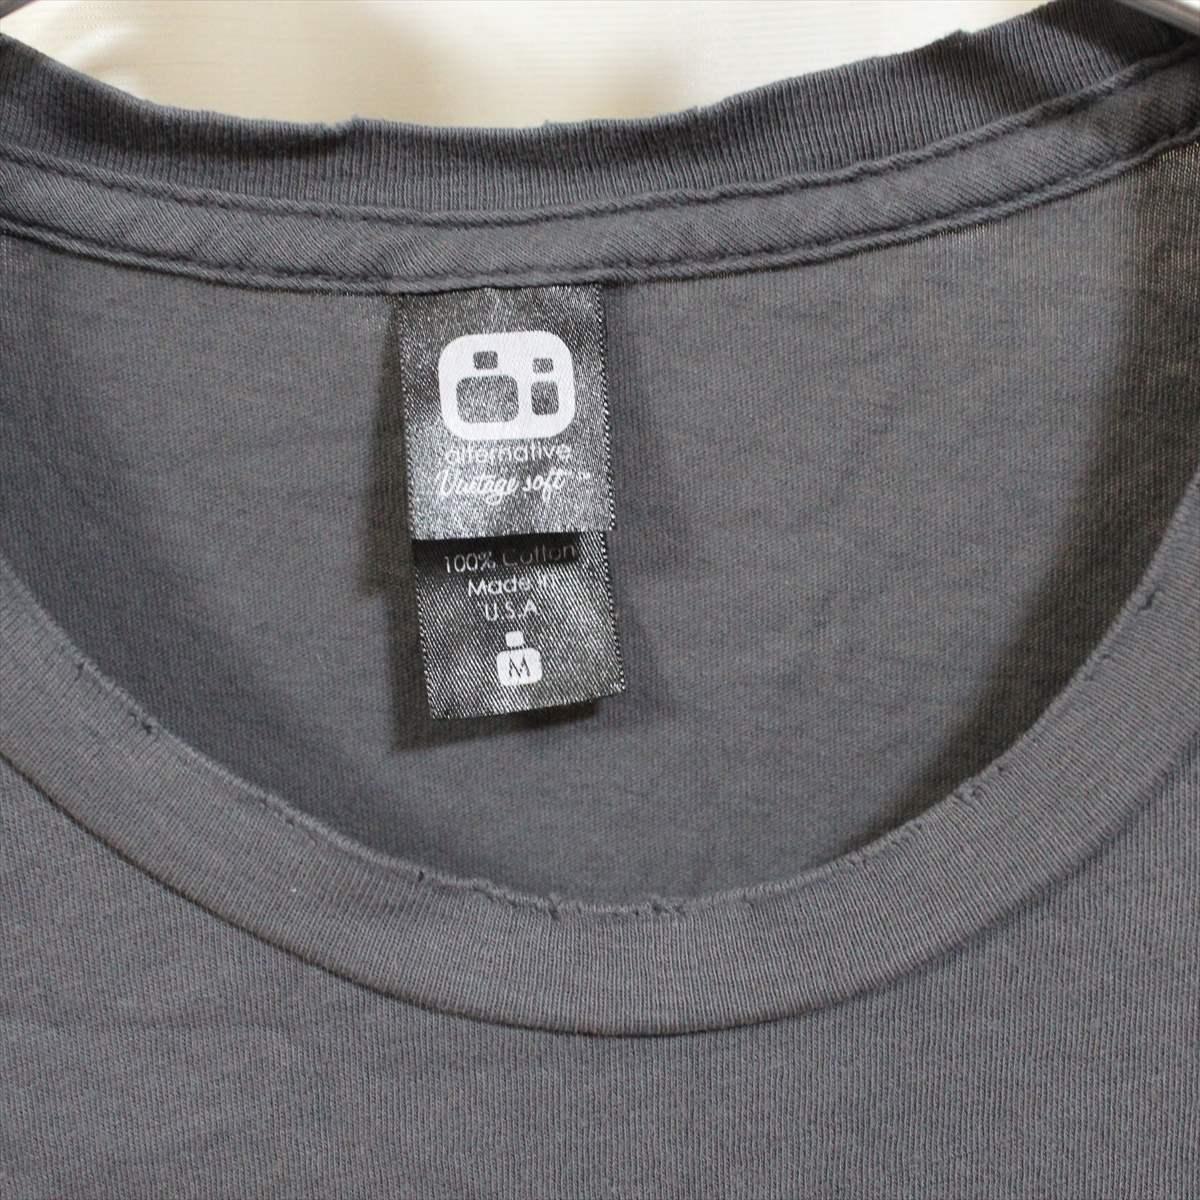 オルタナティブ アパレル alternative apparel レディース半袖Tシャツ チャコール Mサイズ 新品 vintage soft アメリカ製_画像2